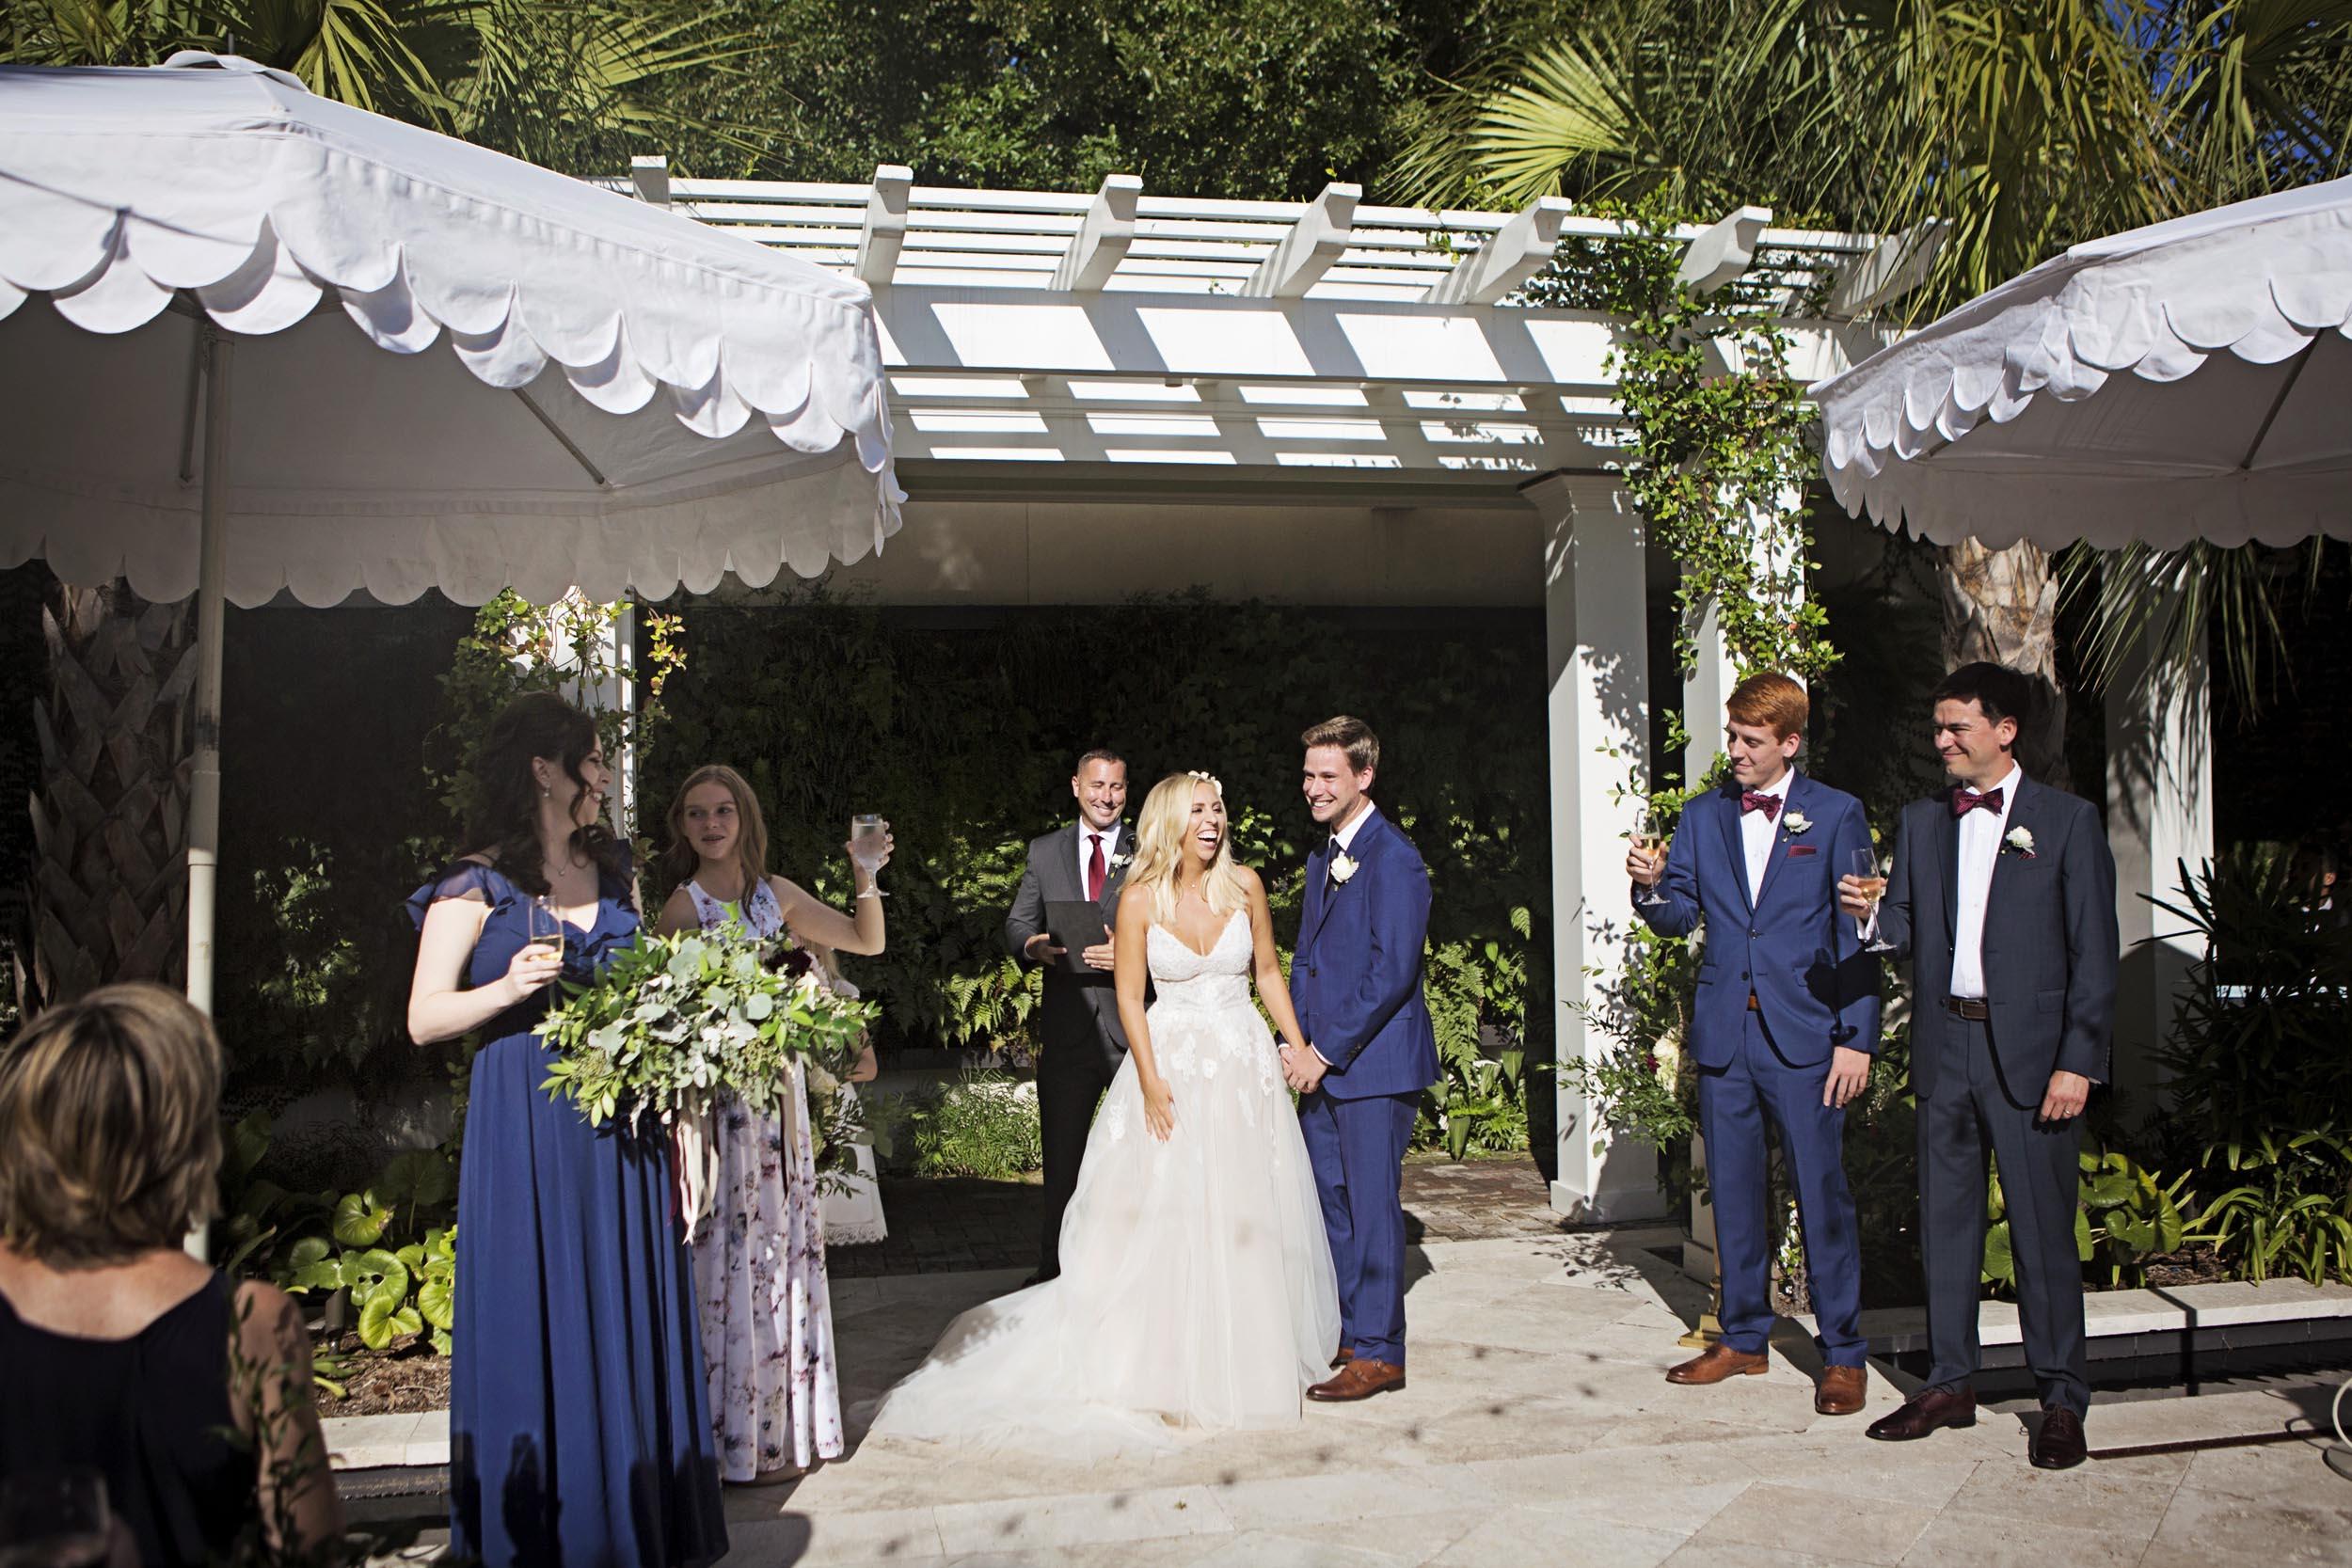 weddings-charleston13.JPG